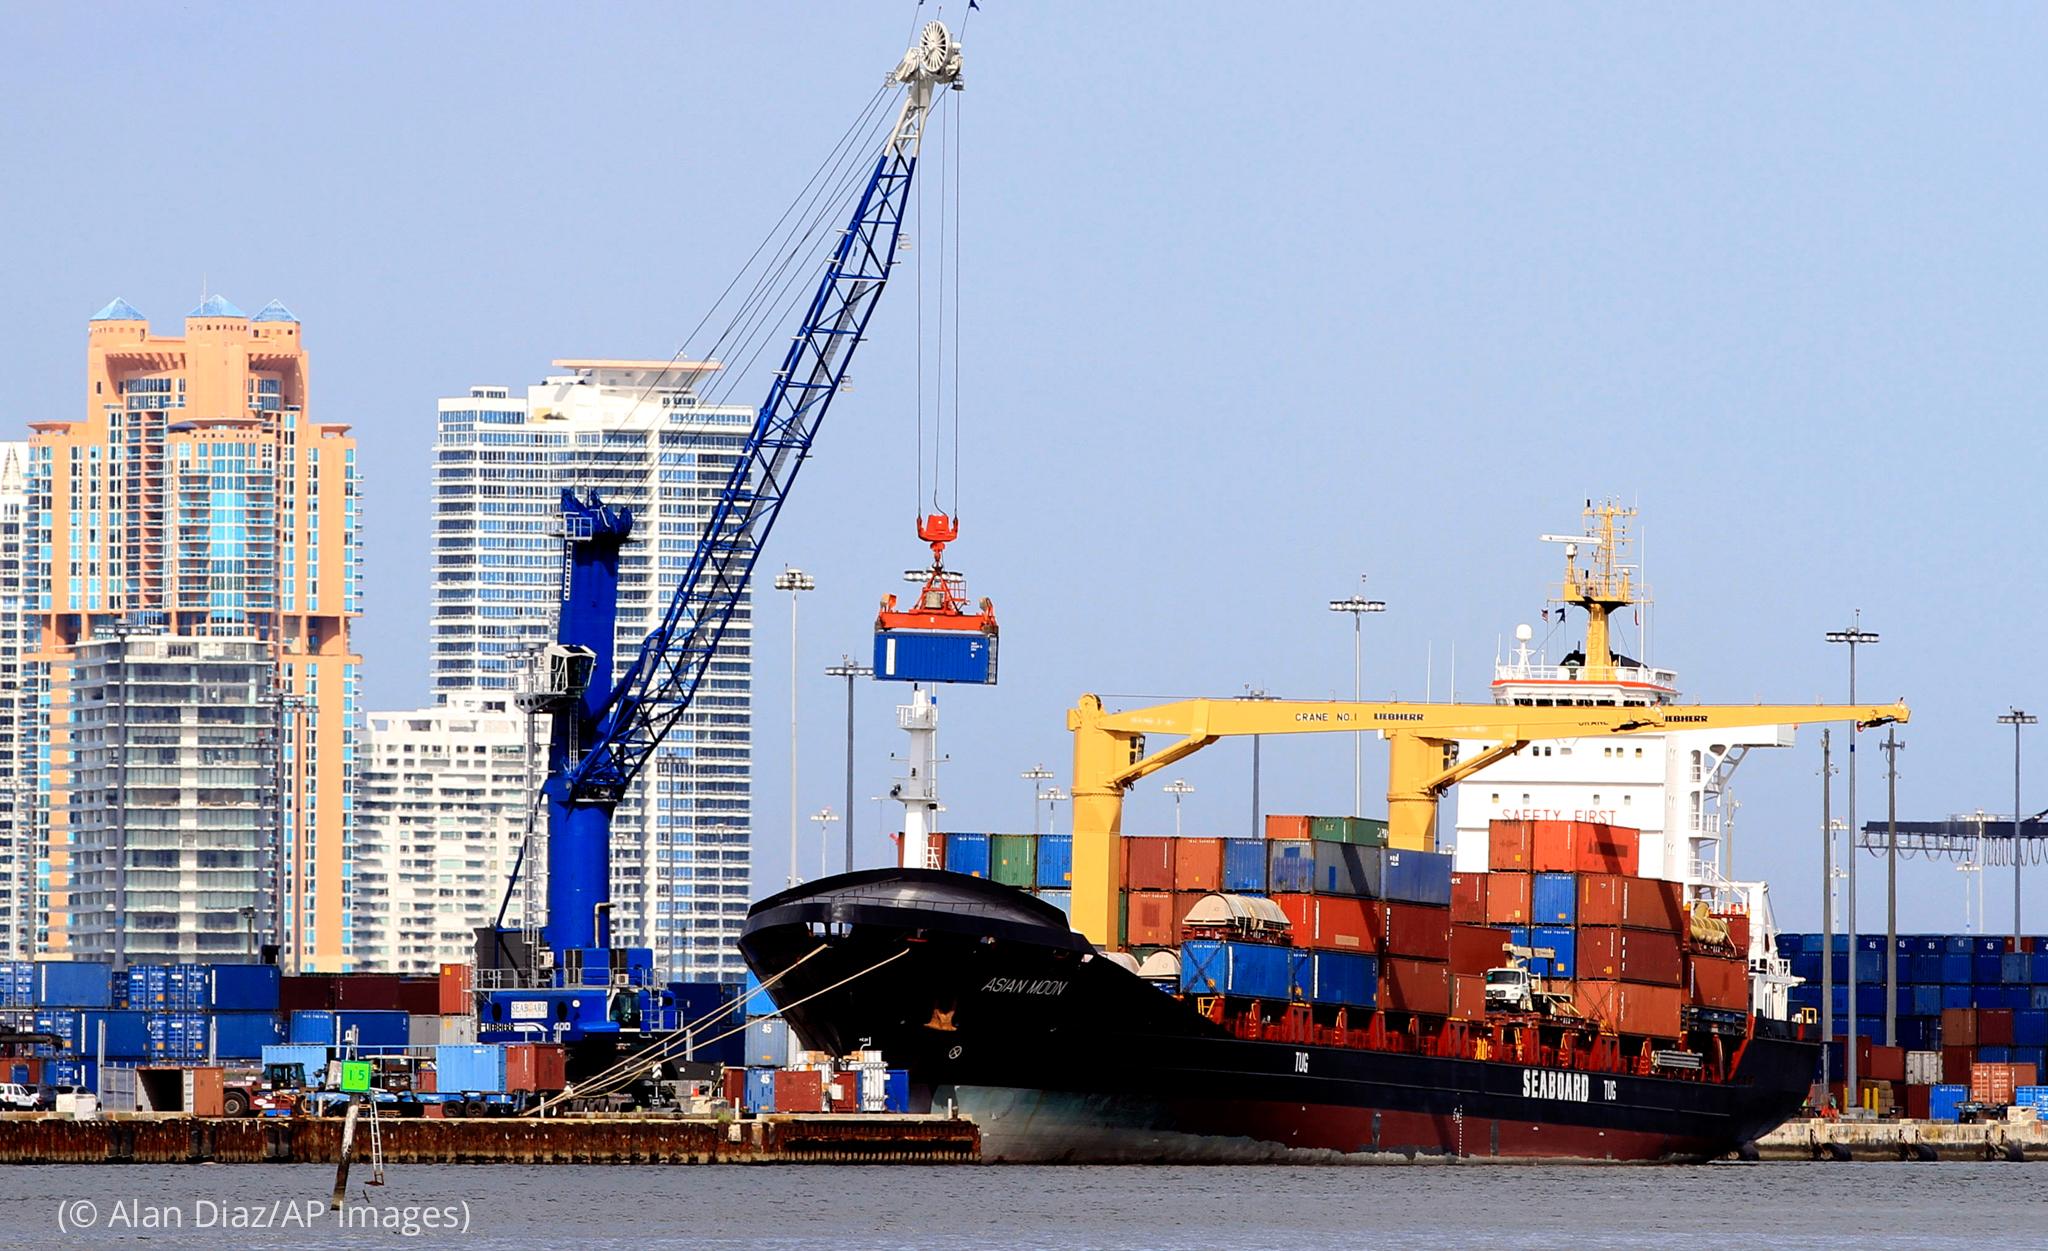 吊车把集装箱装载在货轮上(© Alan Diaz/AP Images)